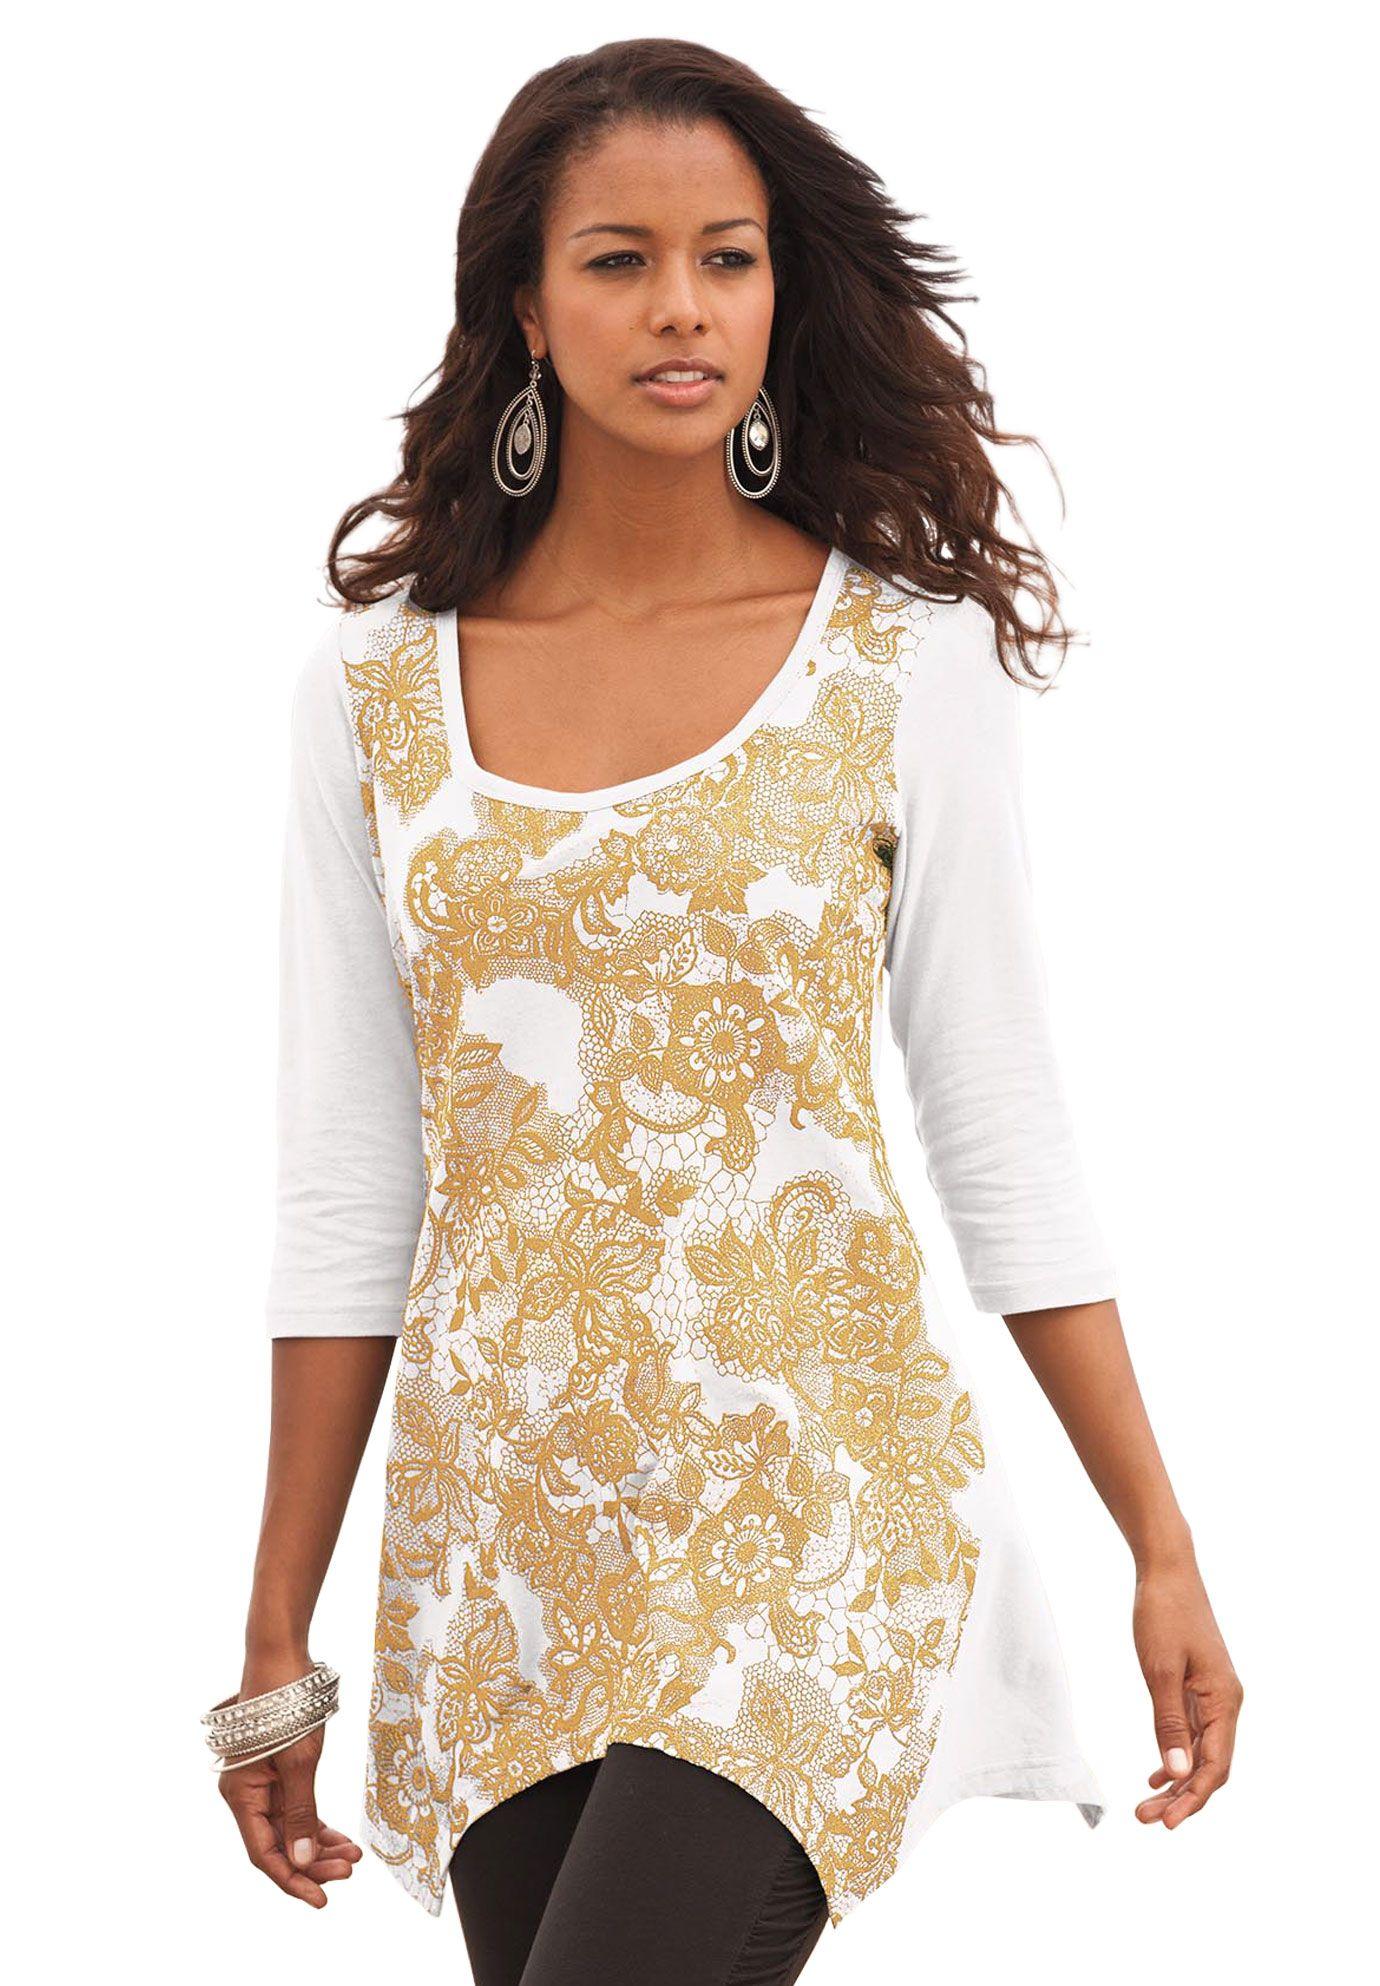 535d029061 Plus Size Clothing